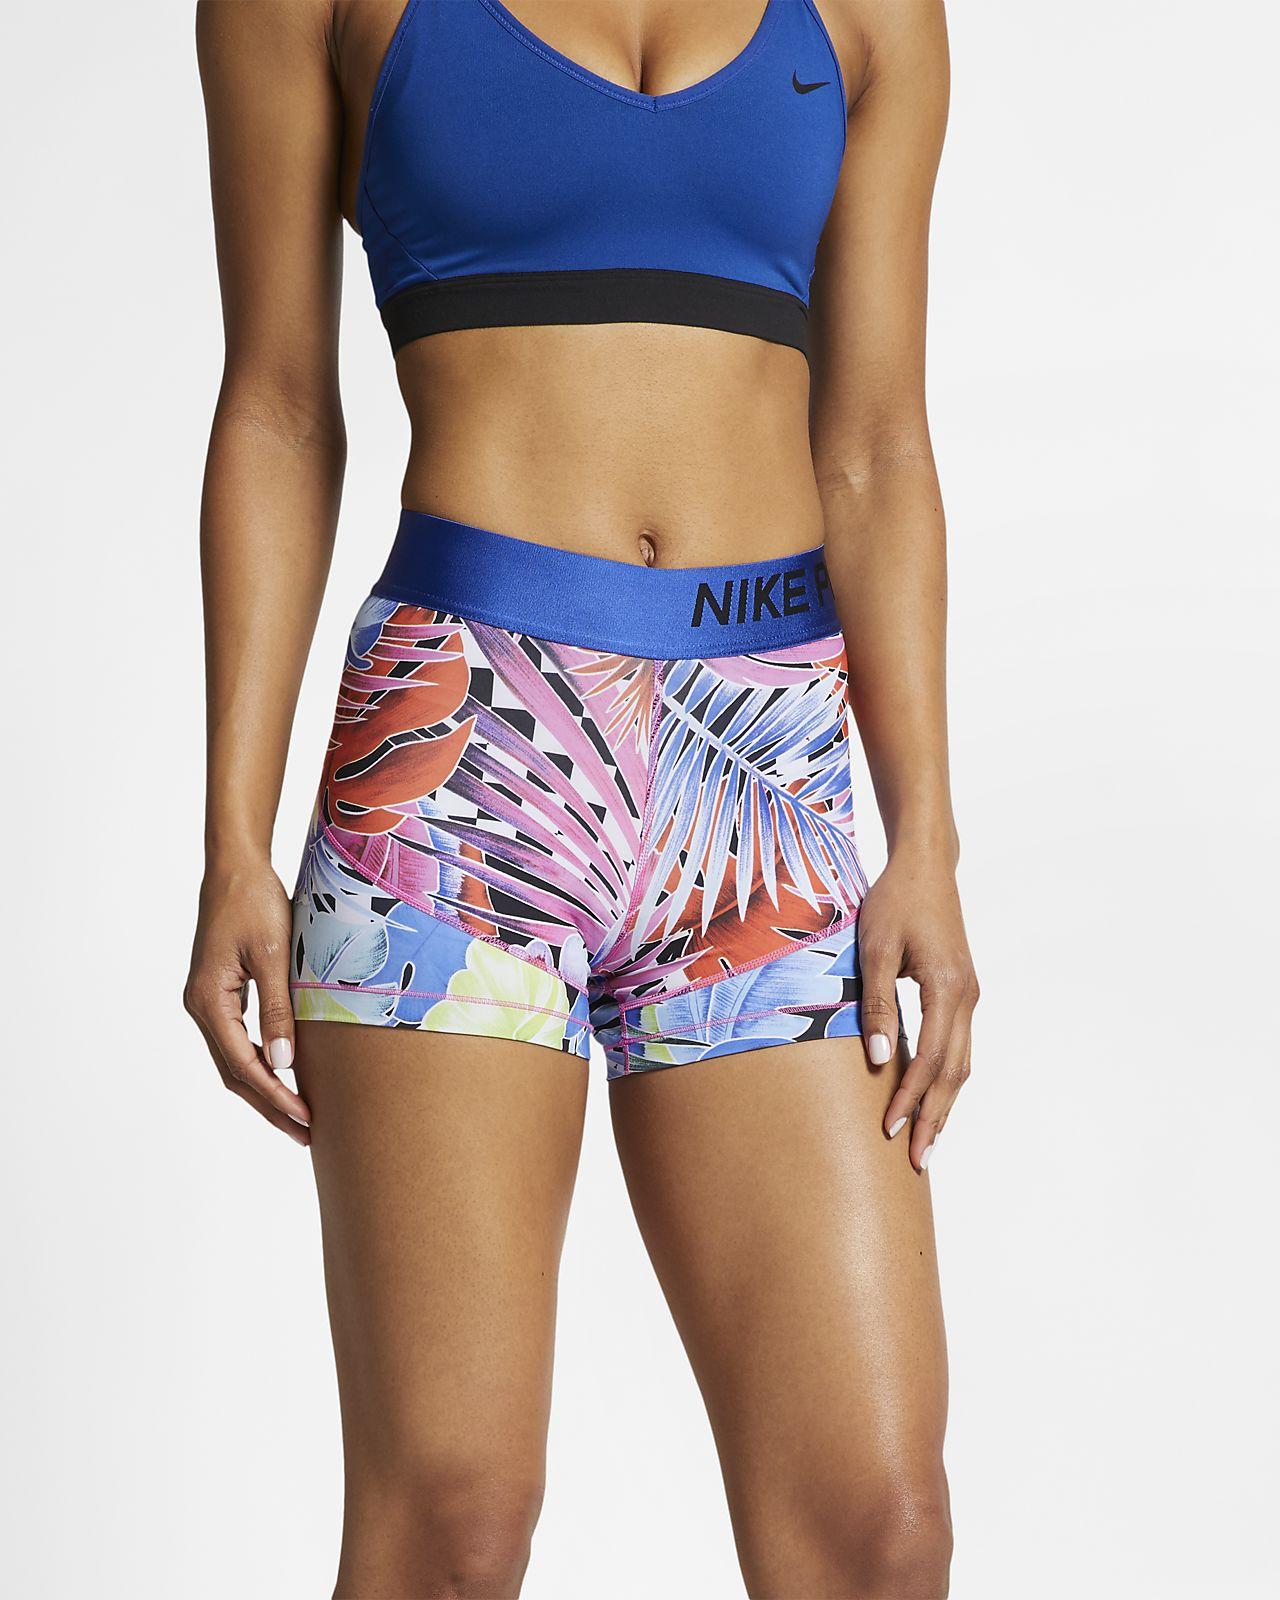 Nike Pro Pantalón corto con estampado de 8 cm - Mujer